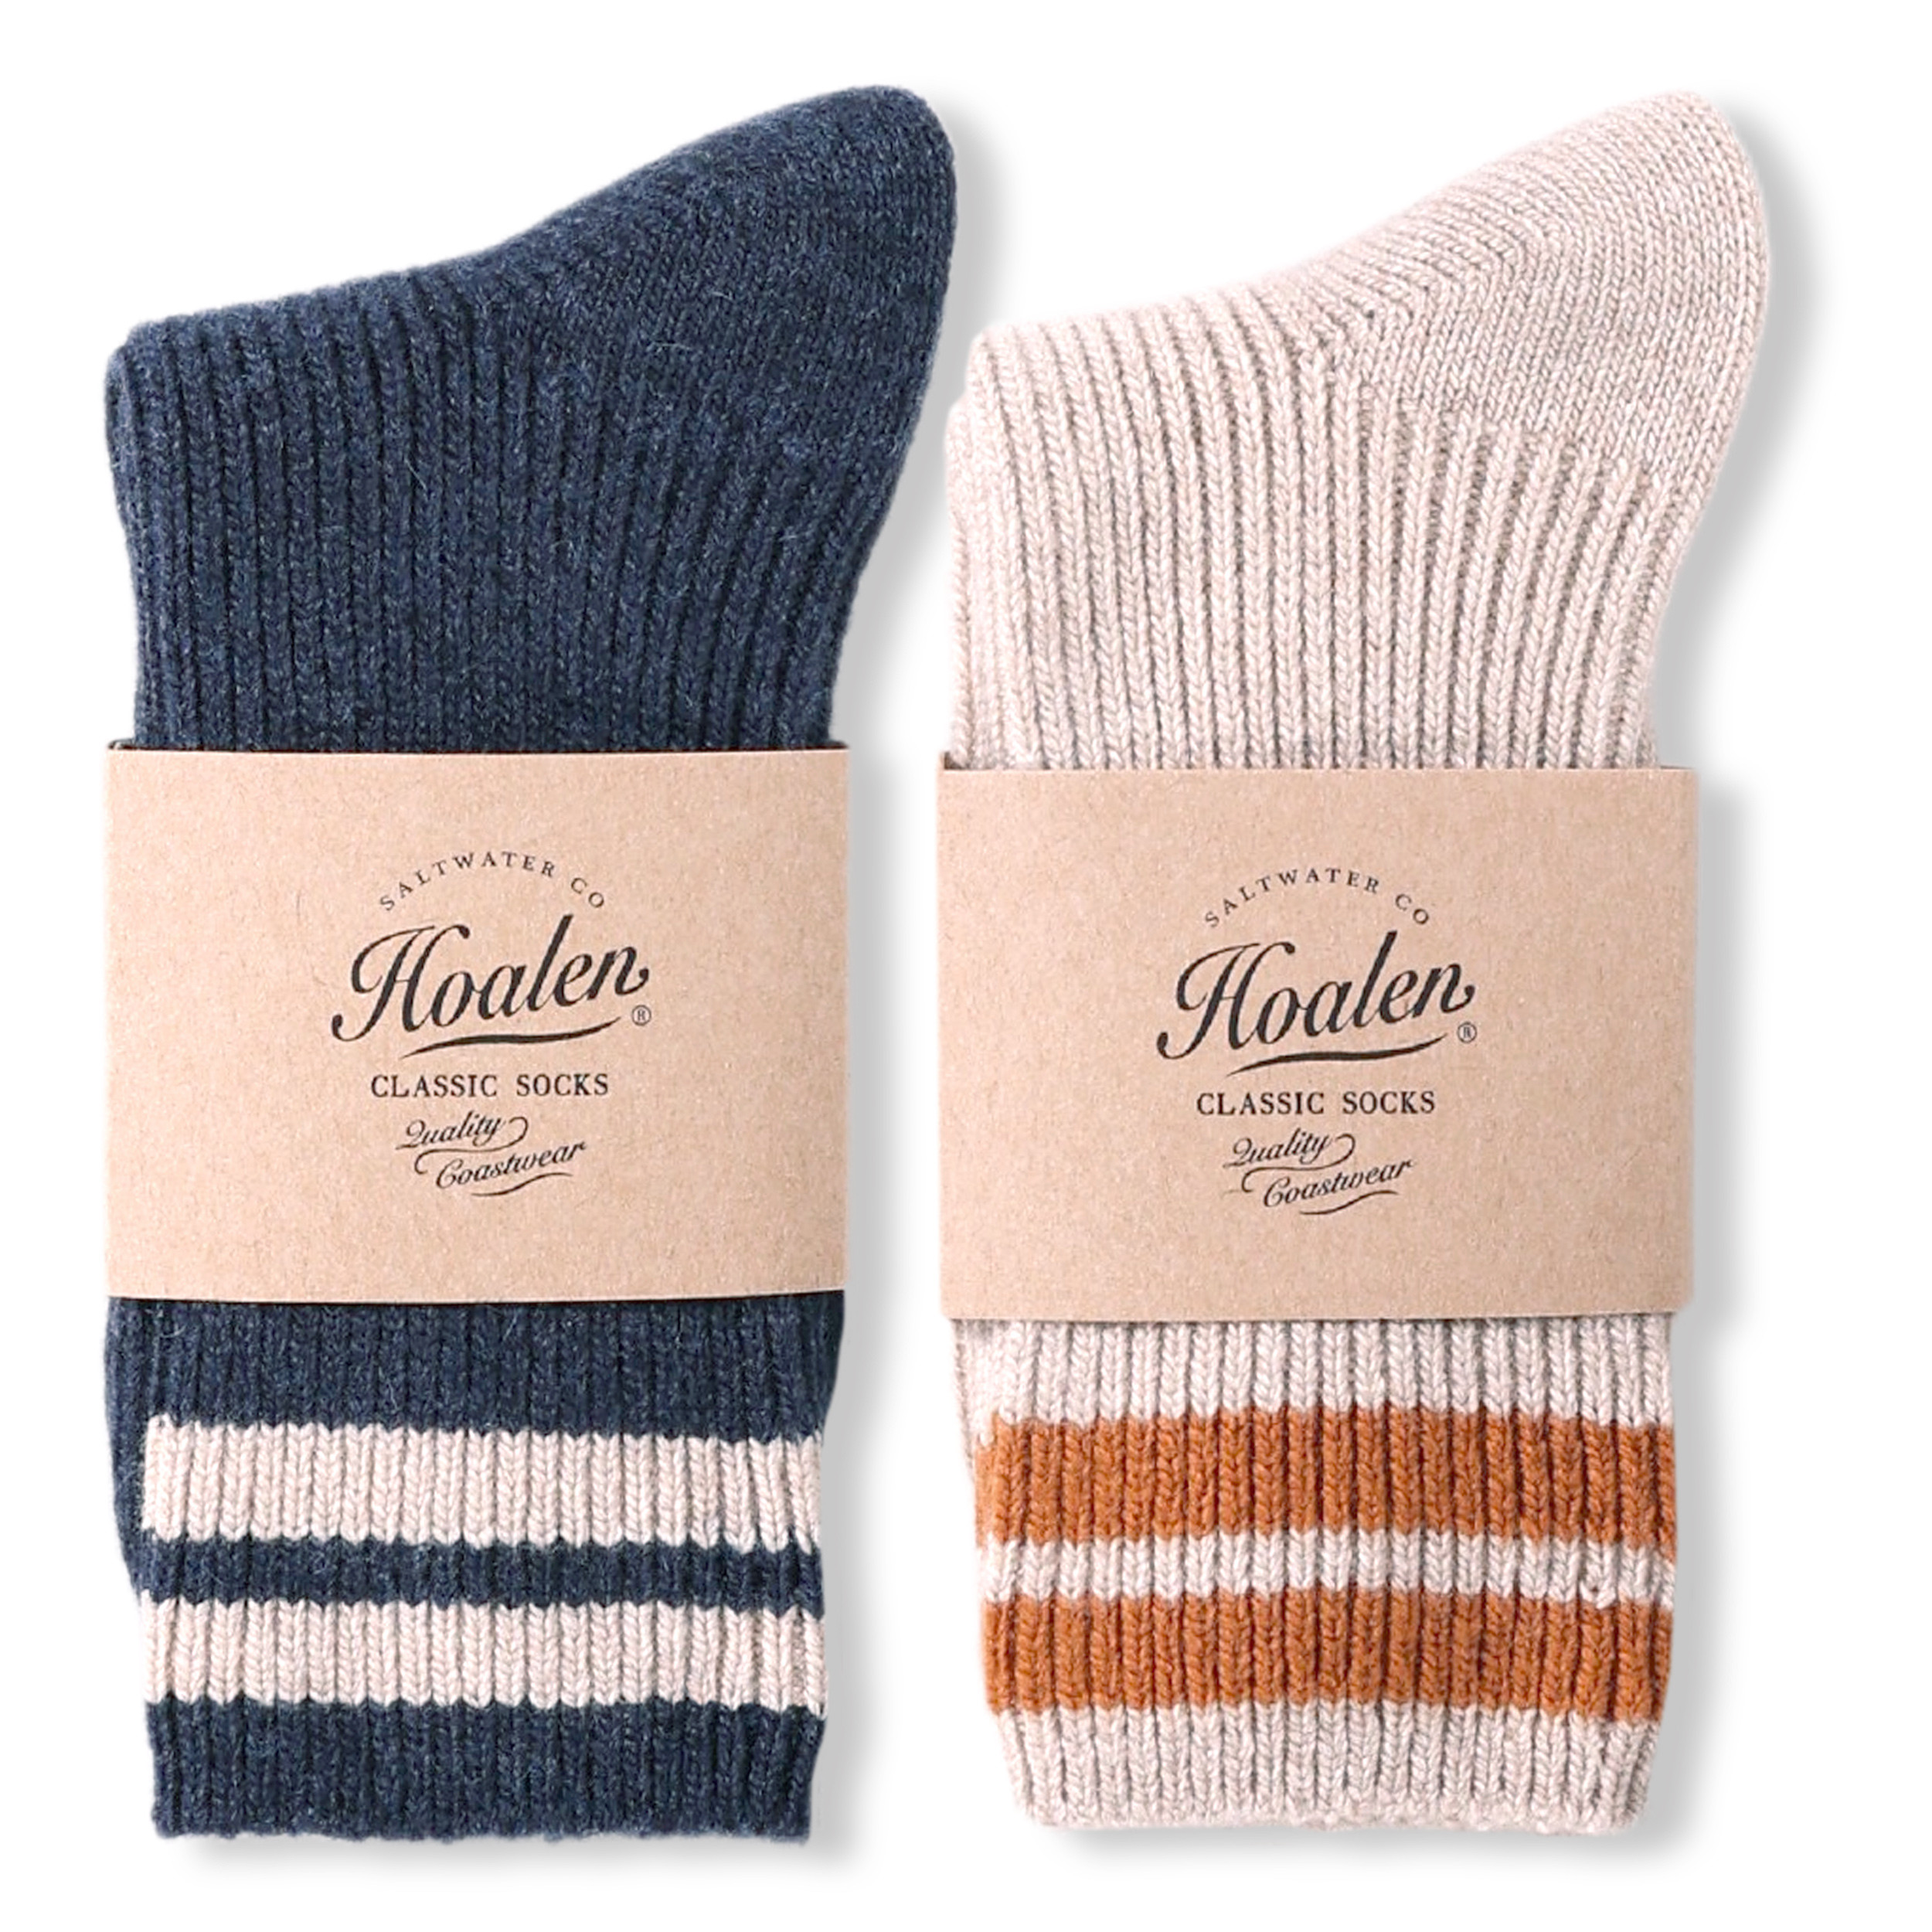 Half-high socks